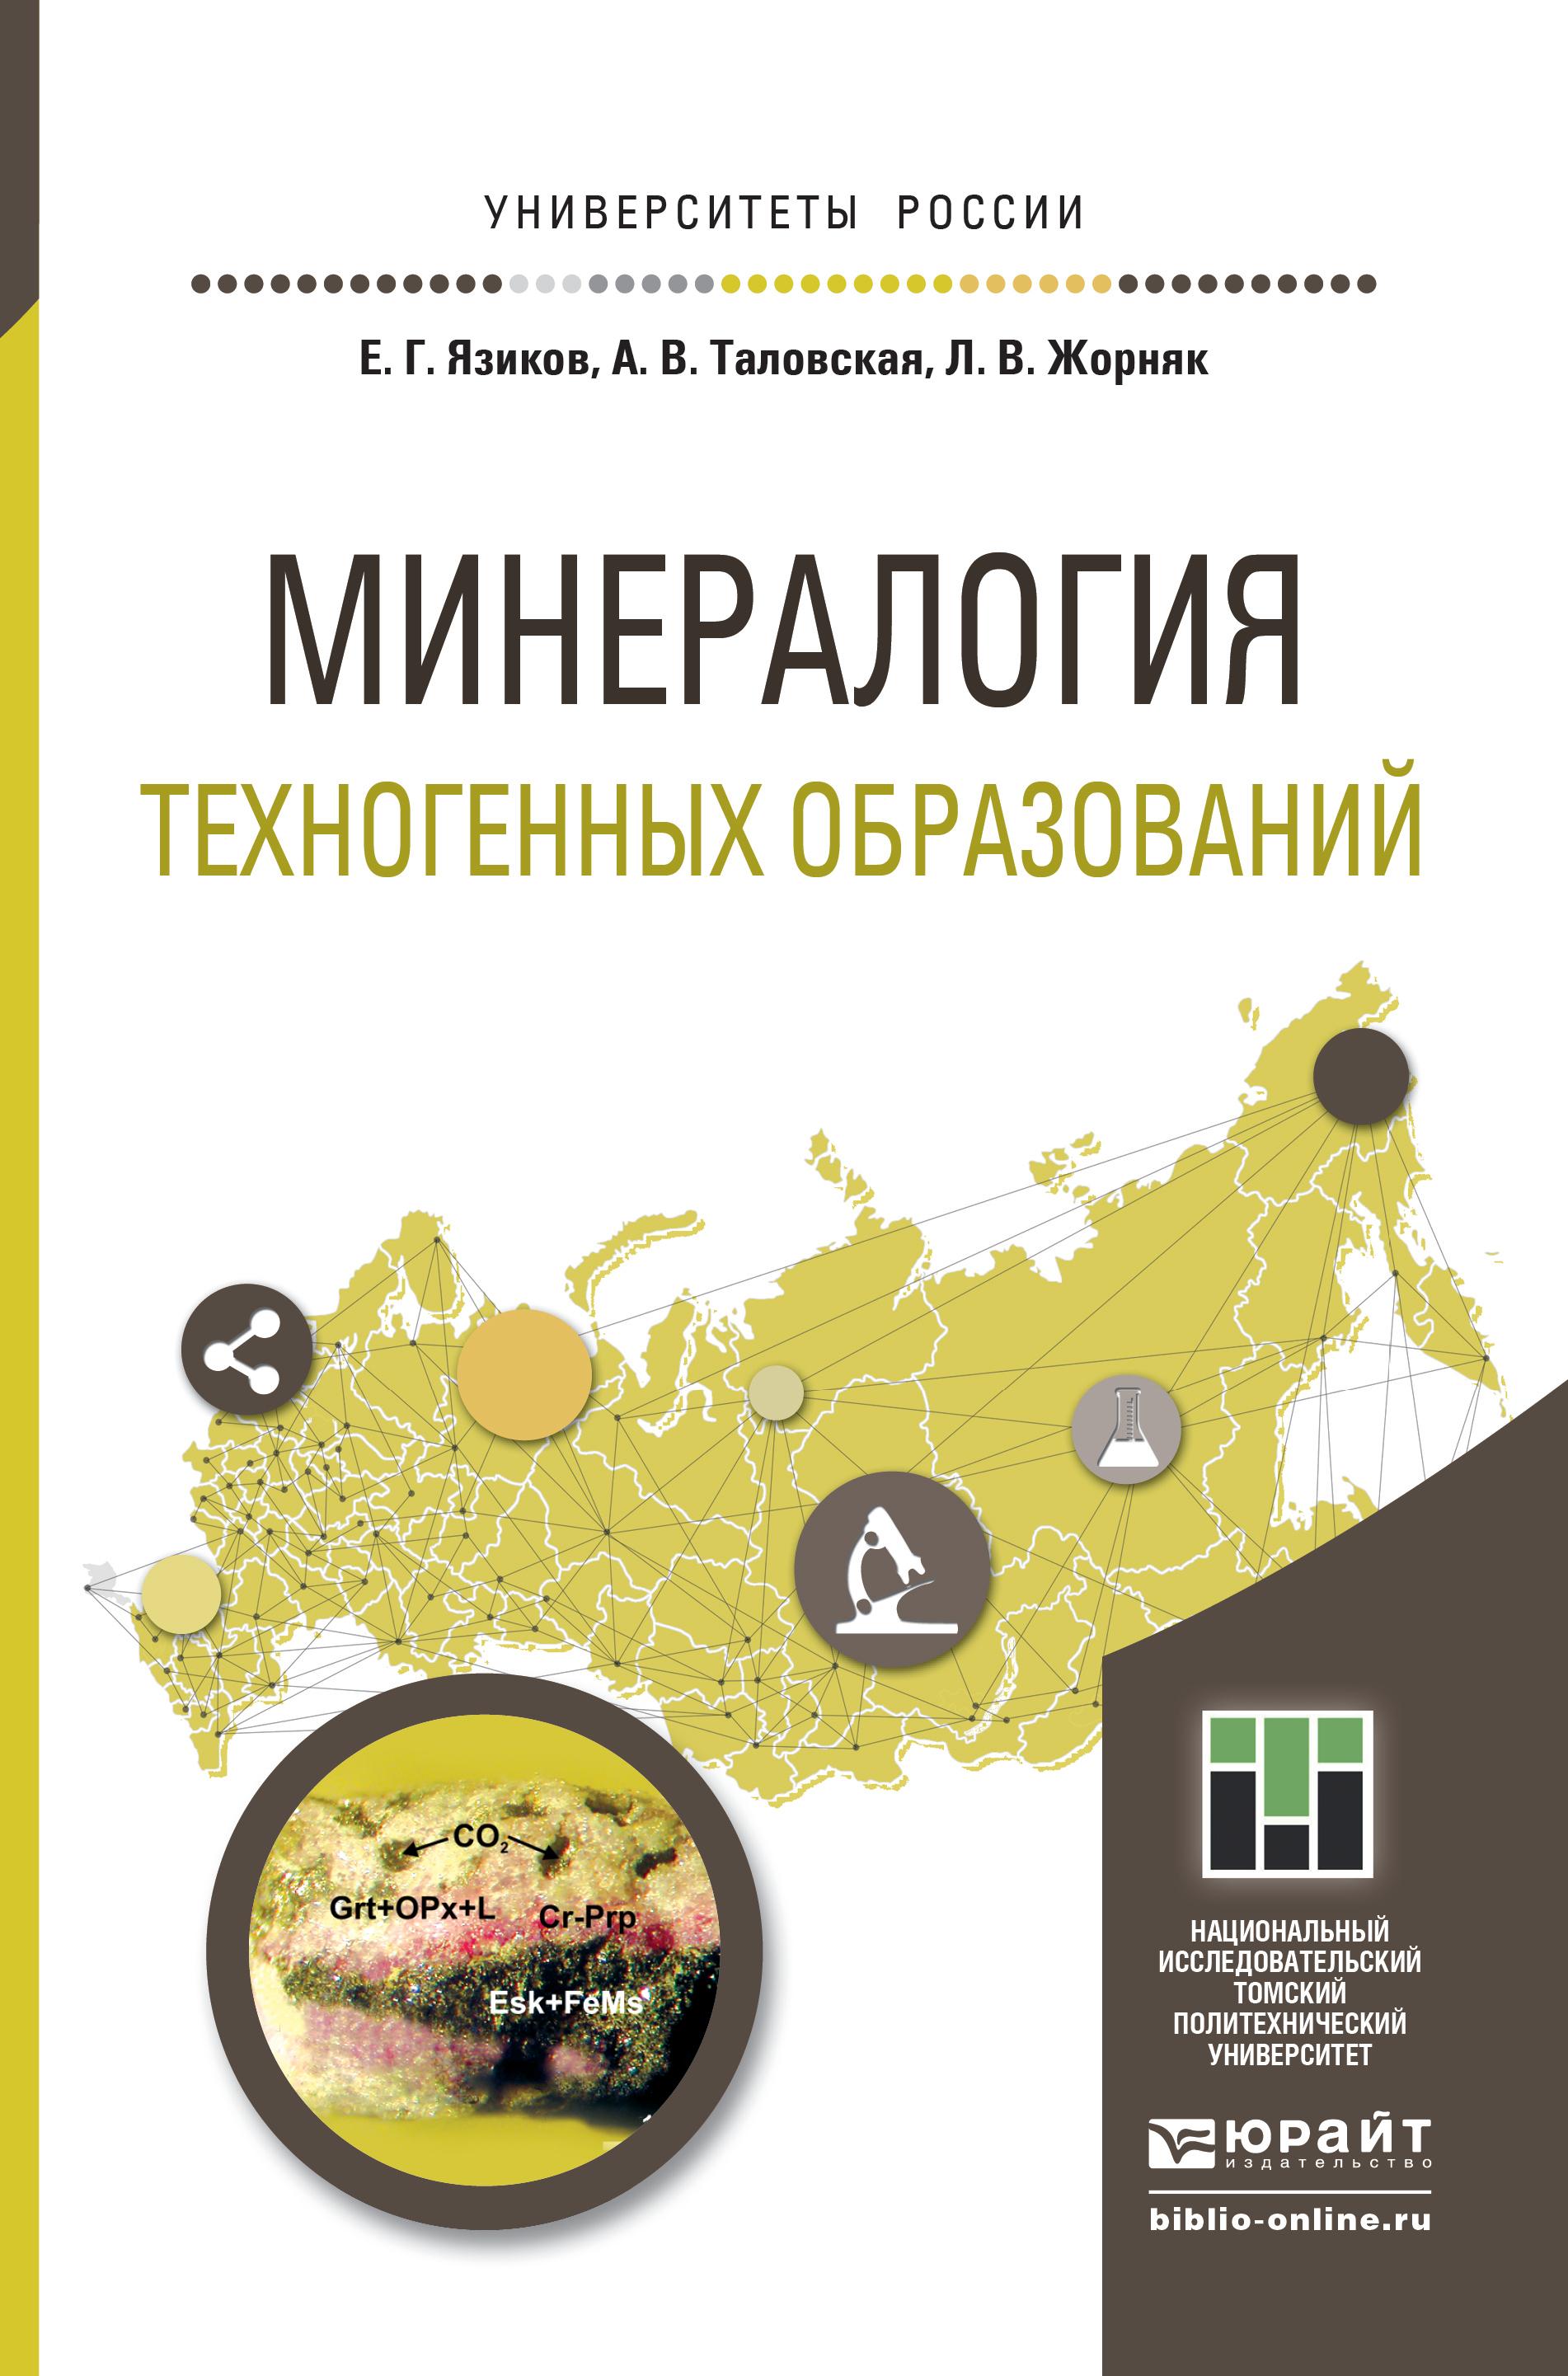 Минералогия техногенных образований. Учебное пособие для академического бакалавриата